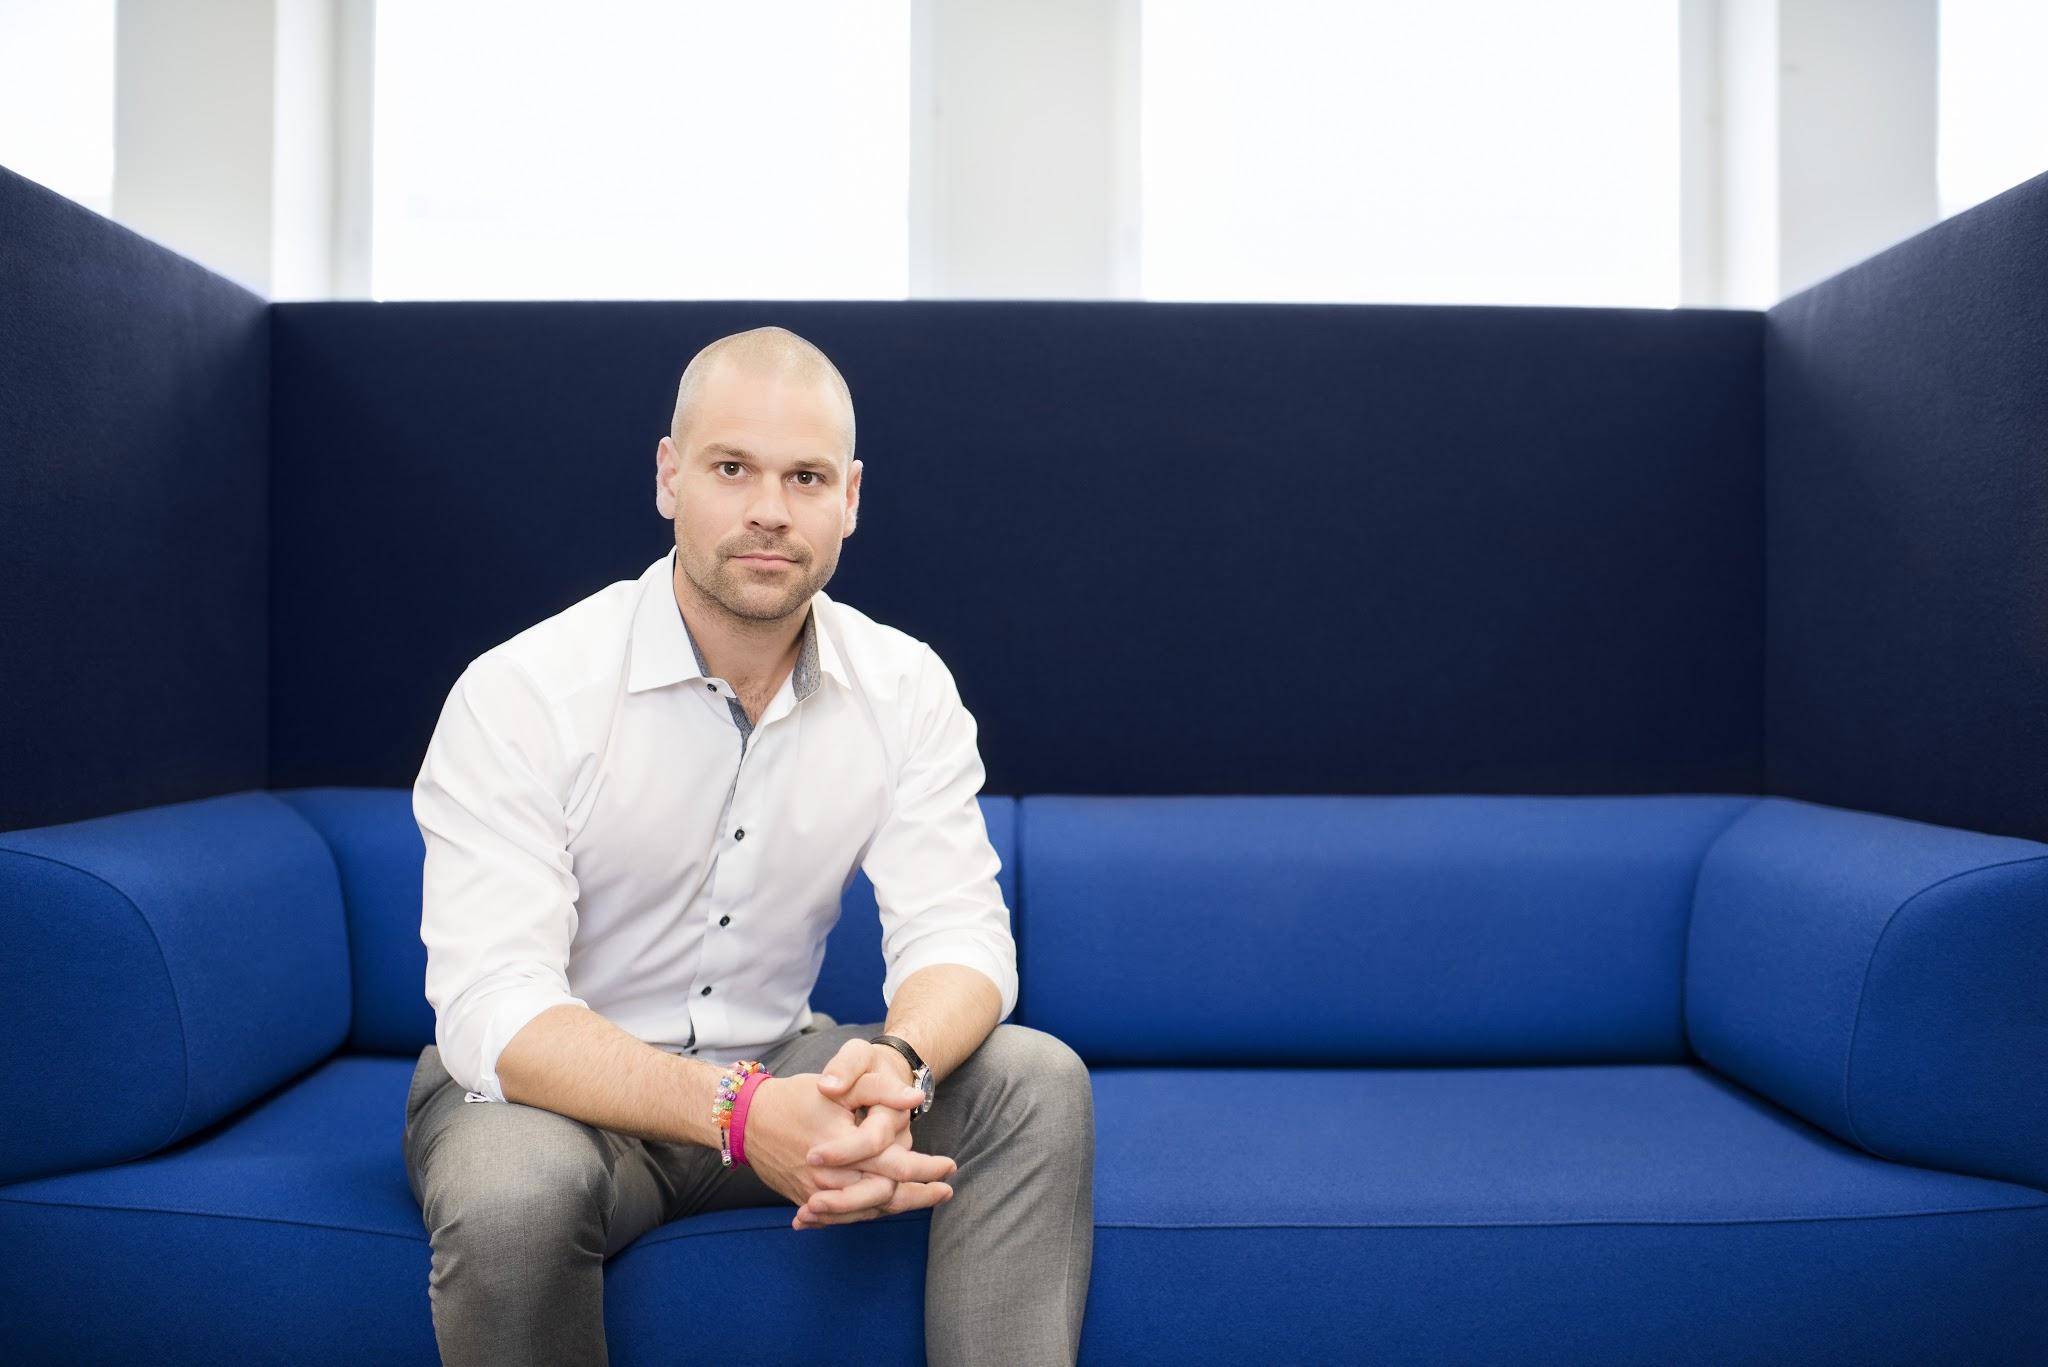 Wellstreets första investering inom e-handel blir Storebadge